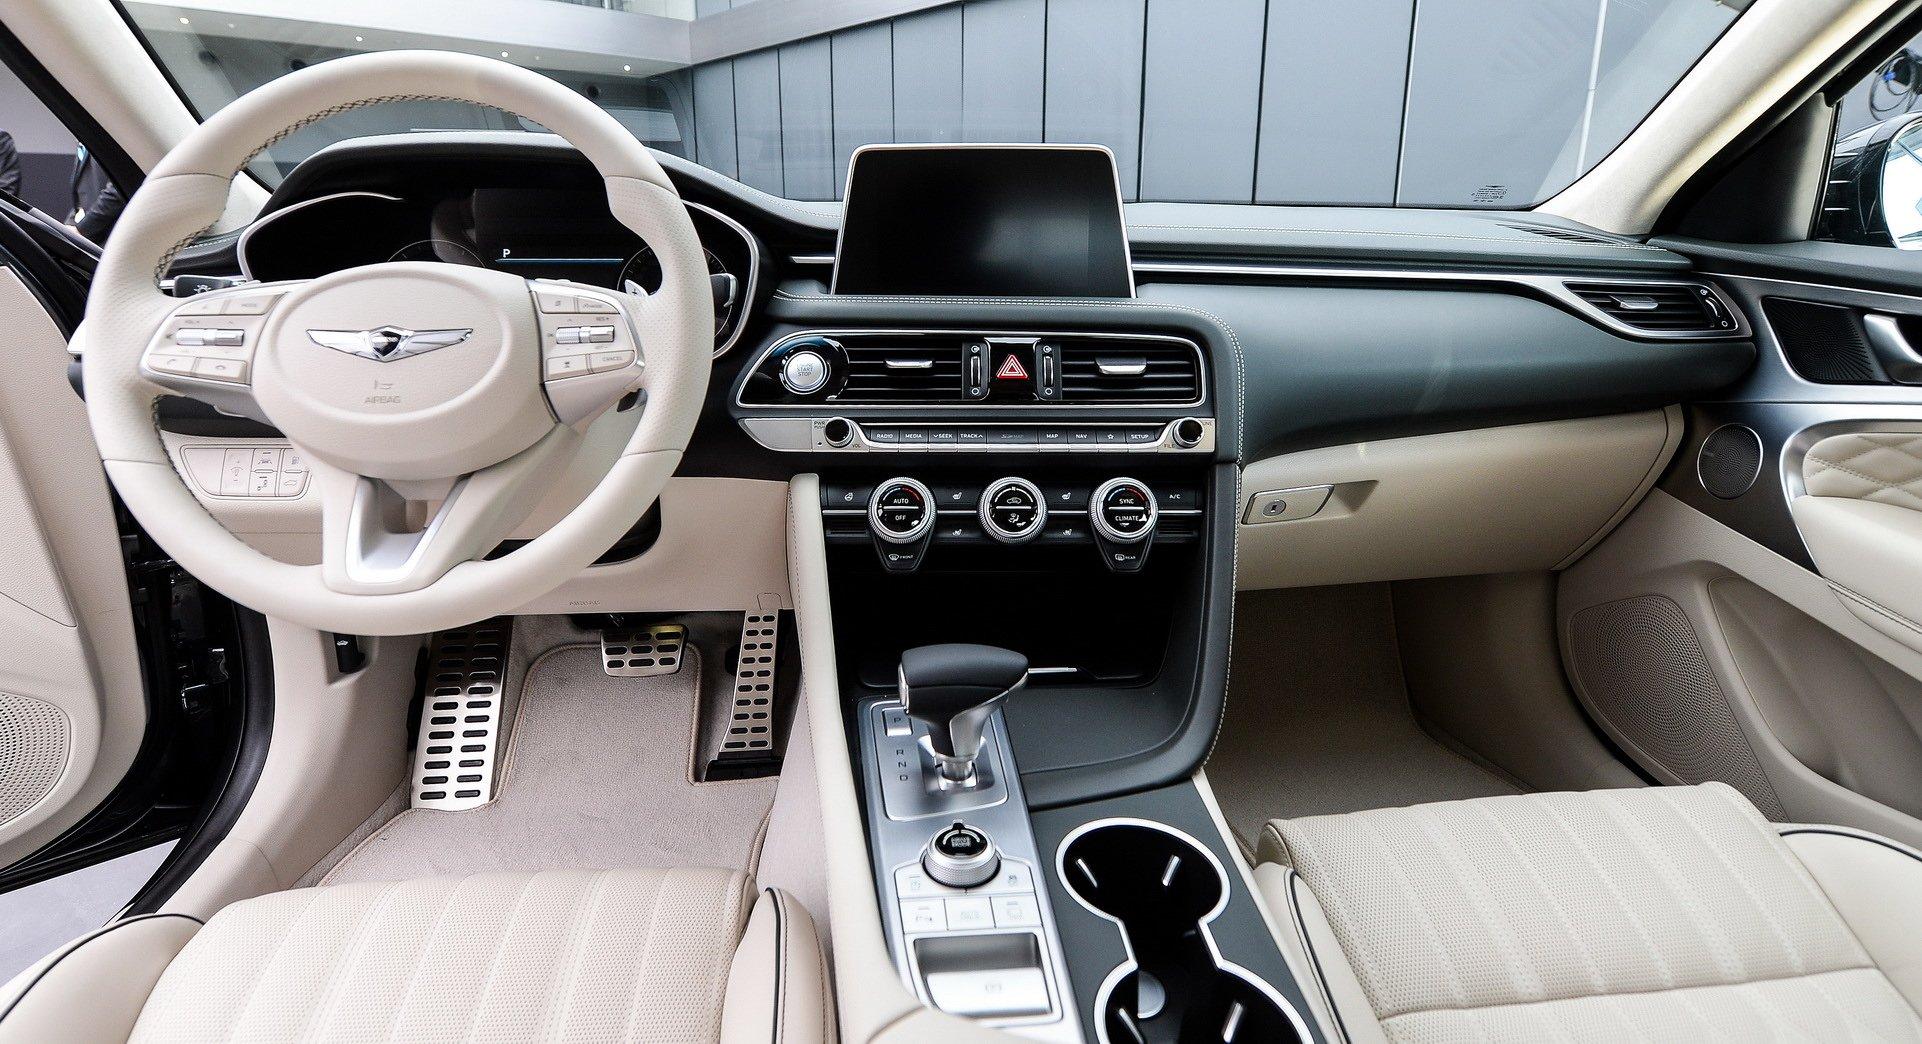 اطلاعات در مورد خودروی لوکس Genesis GV70 +تصاویر